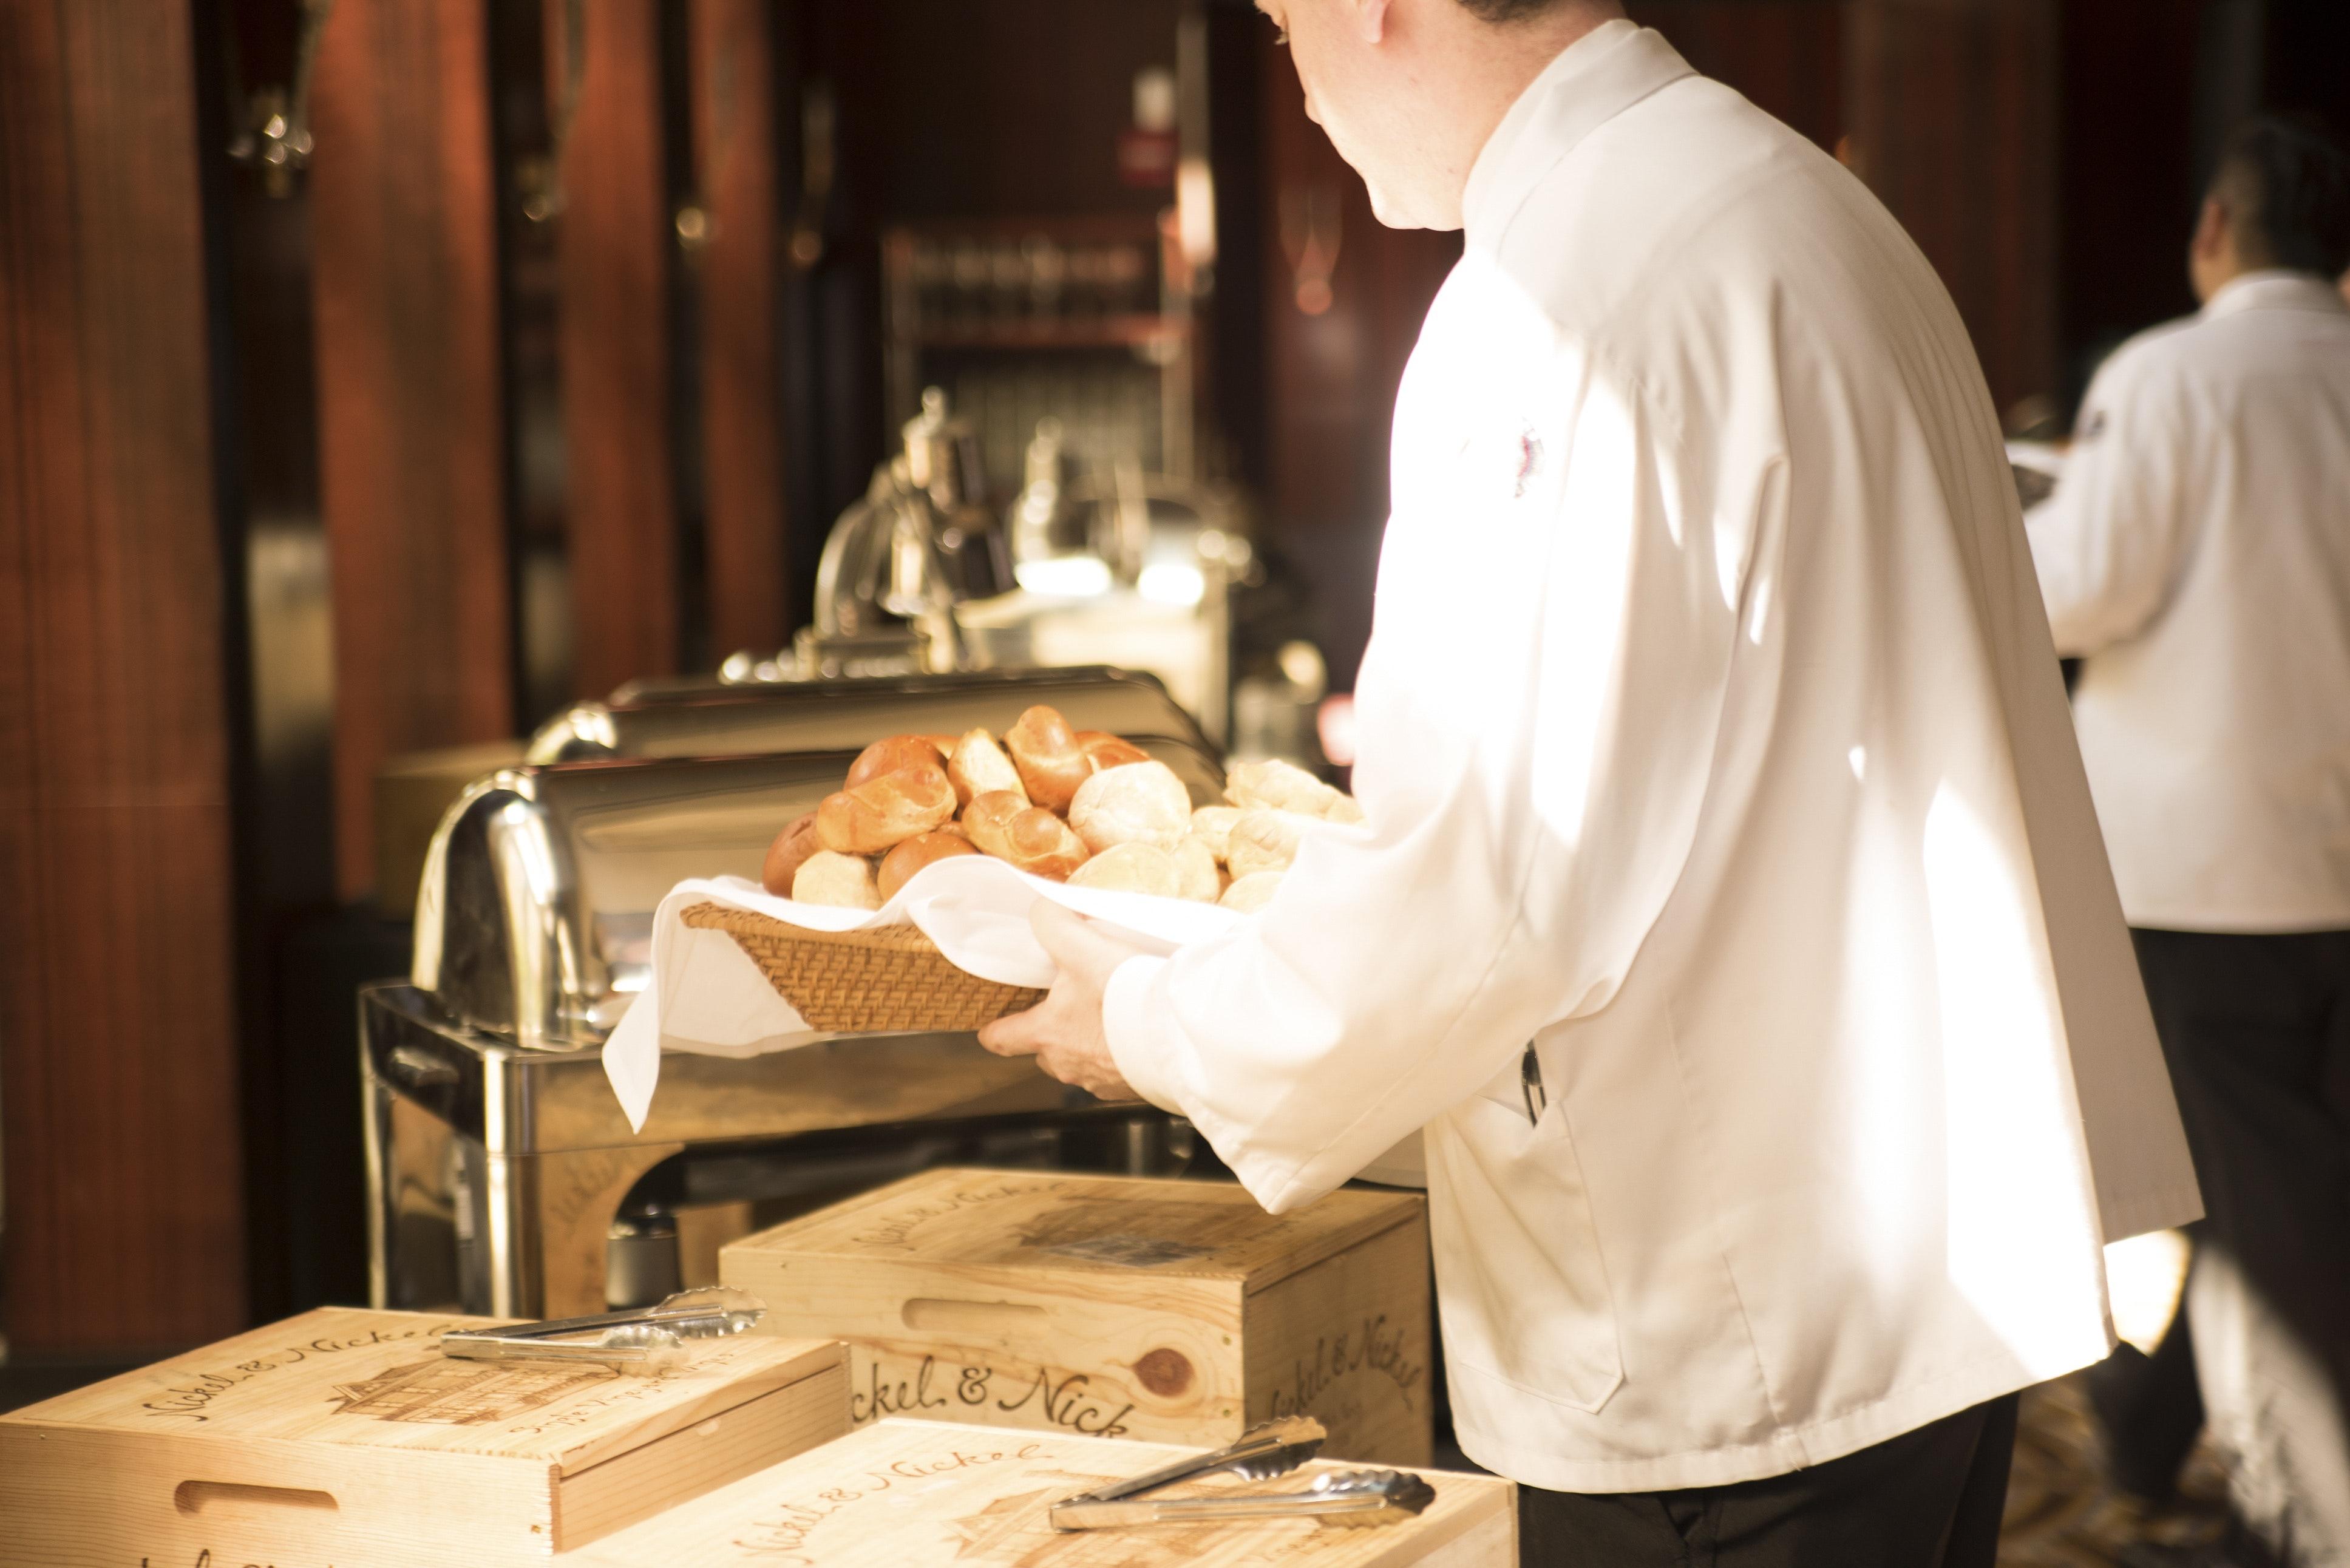 adult-bread-breakfast-280121